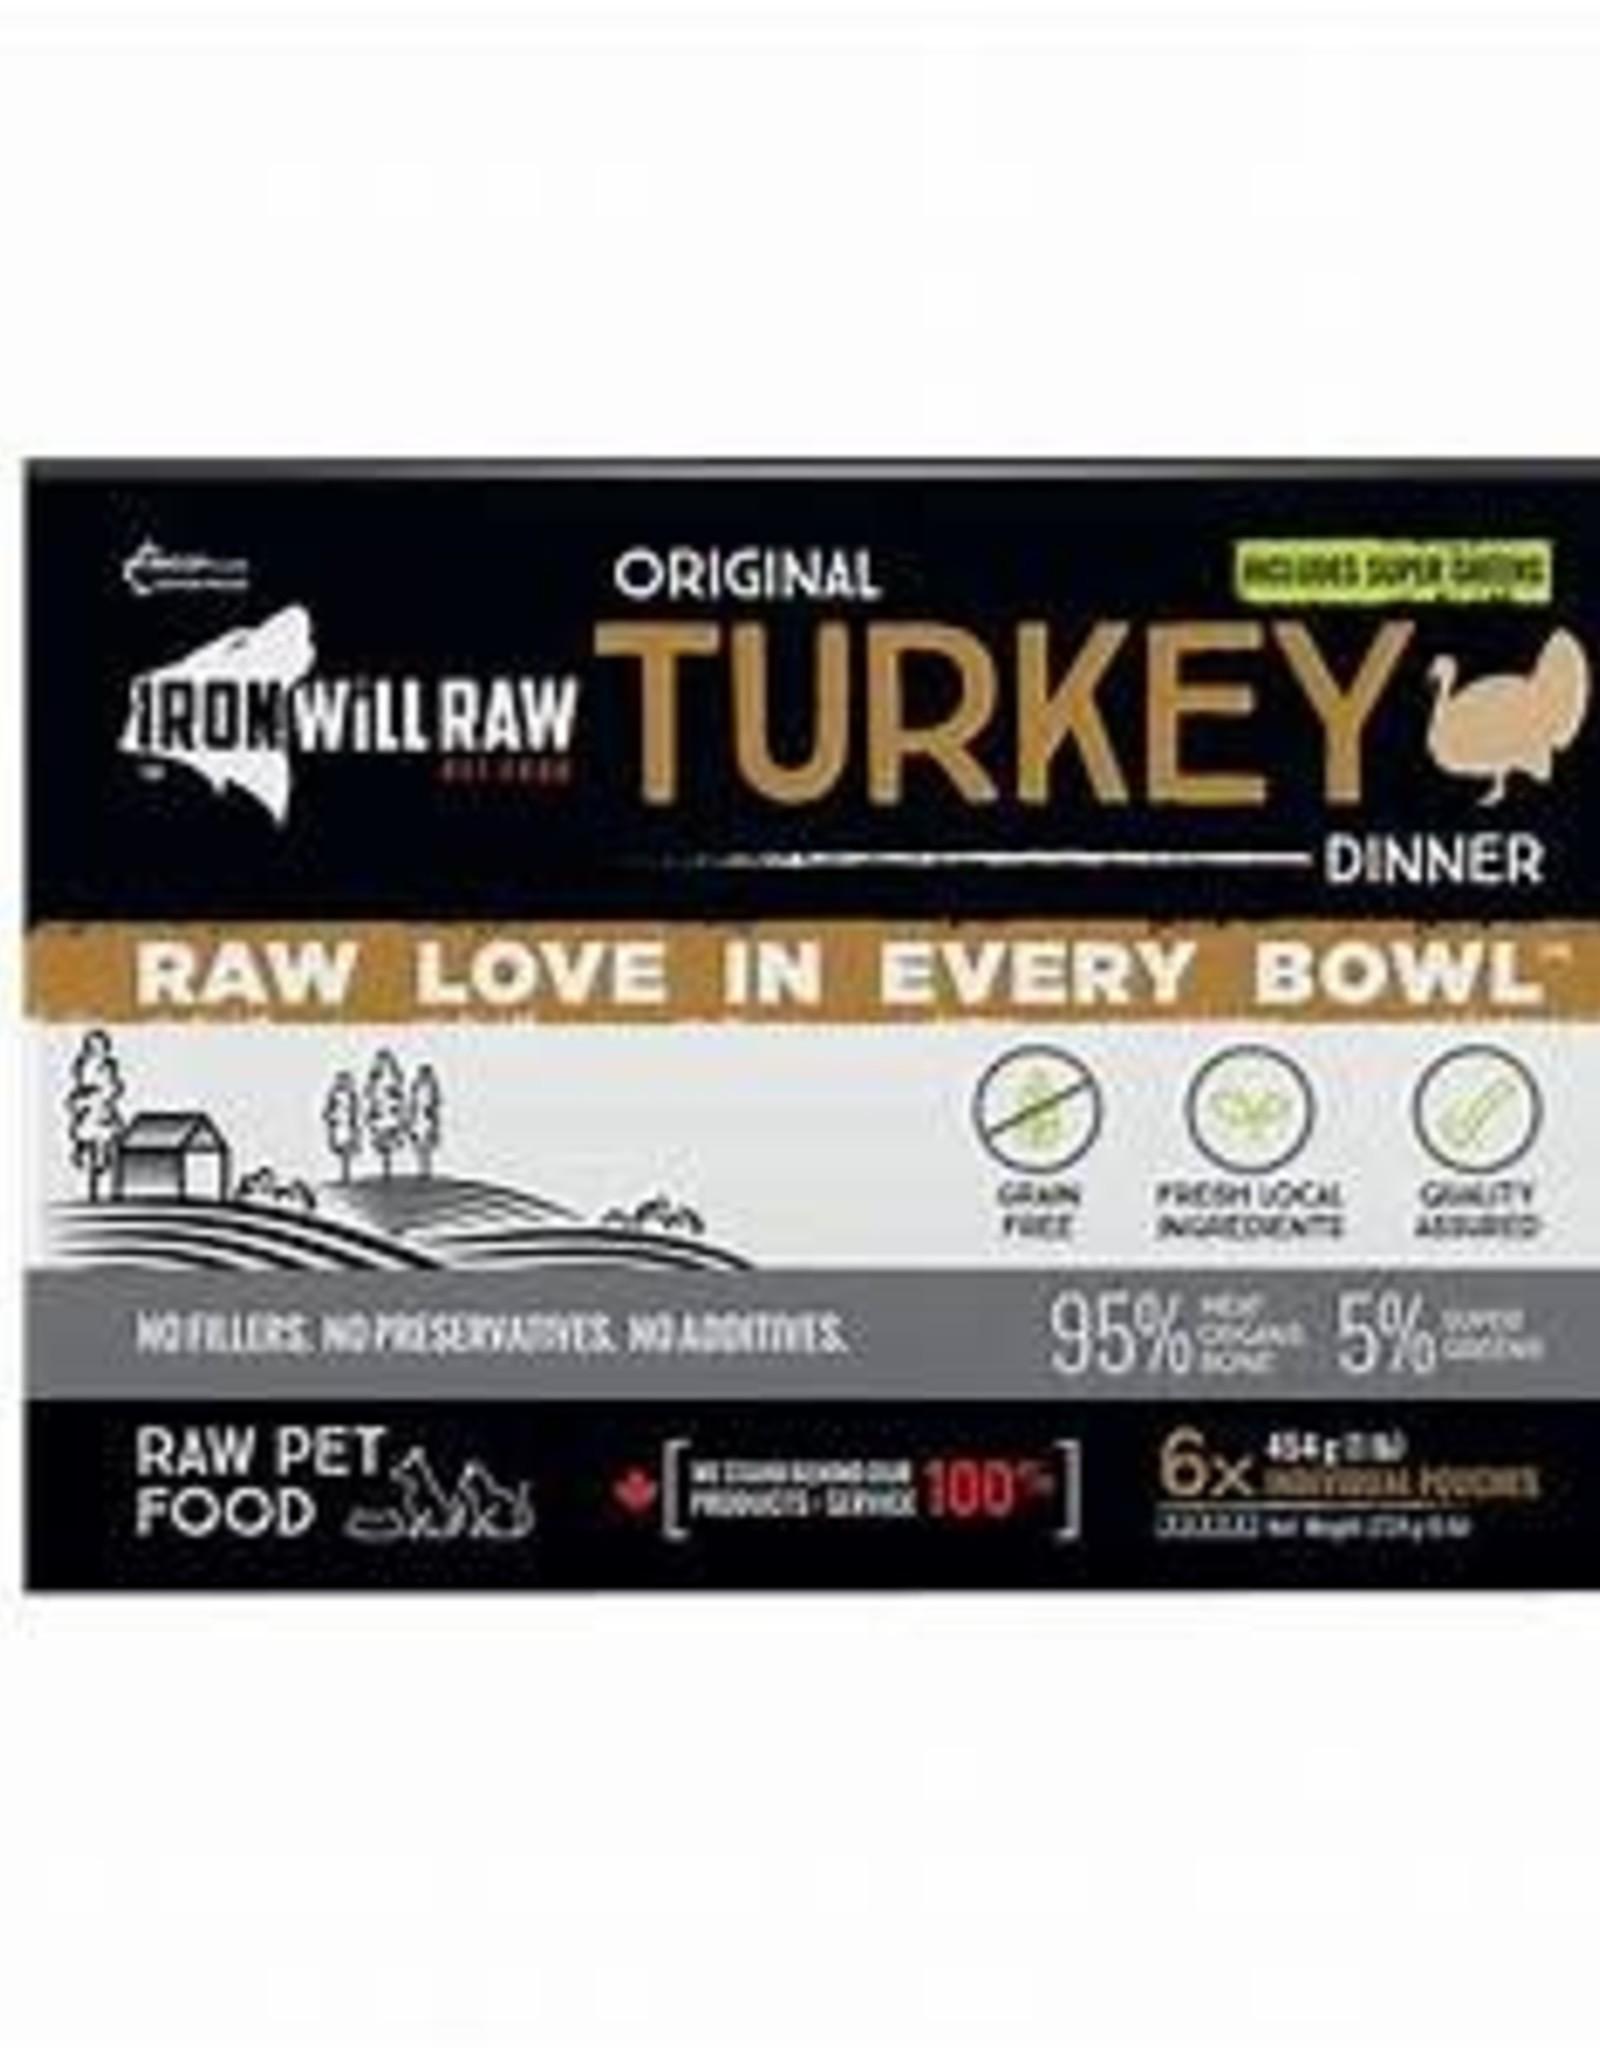 Iron Will Raw Iron Will Raw Original Turkey Box 6lbs